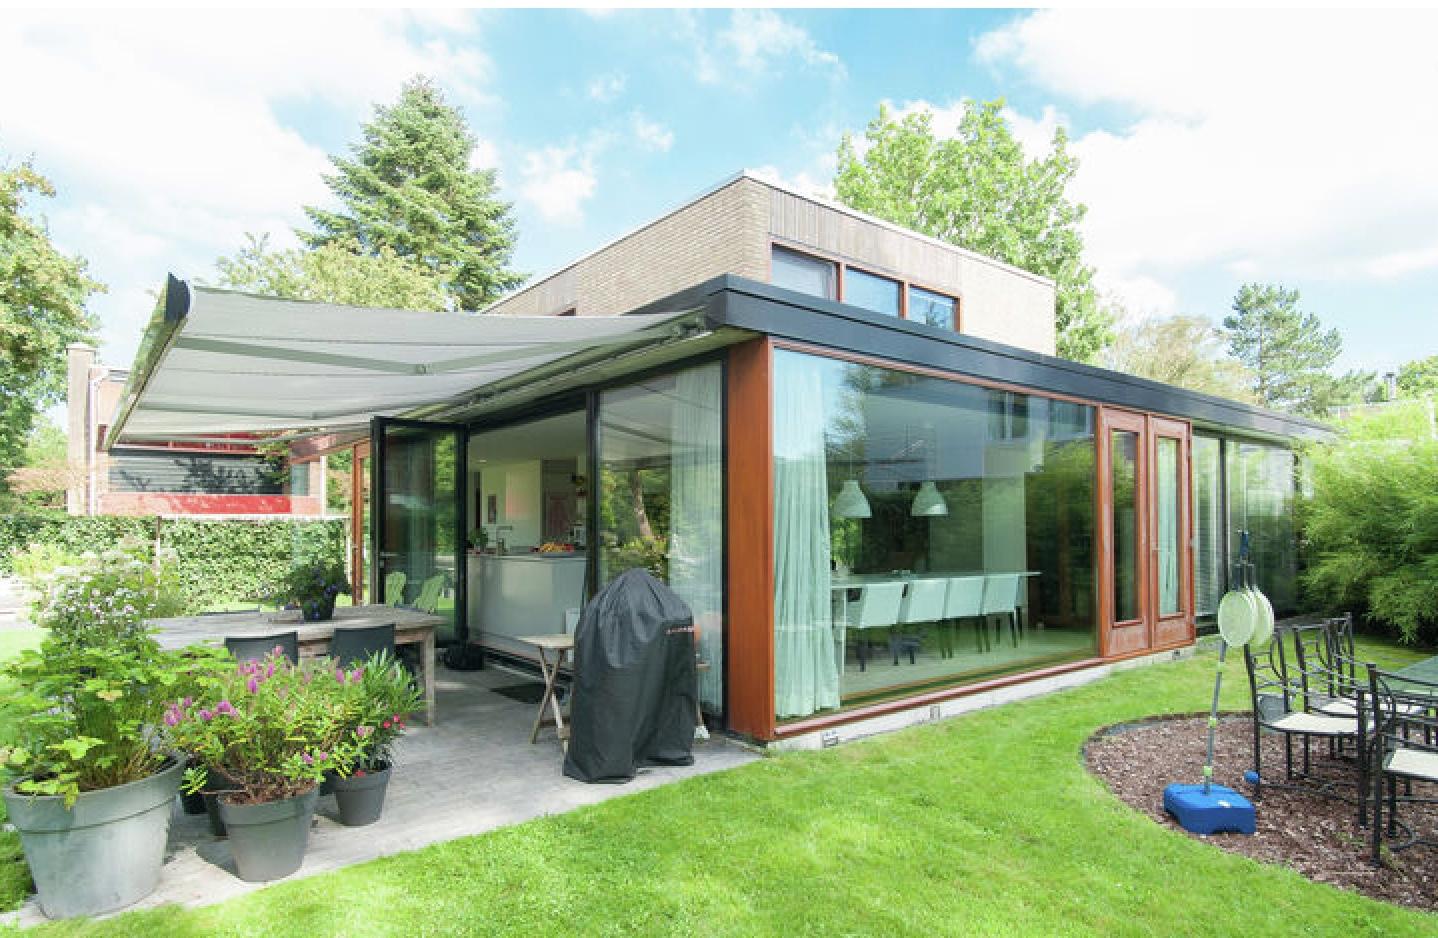 Villa Joseph Bech, een luxe villa voor 7 tot 9 personen in Bergen, ideaal voor een groot gezin.